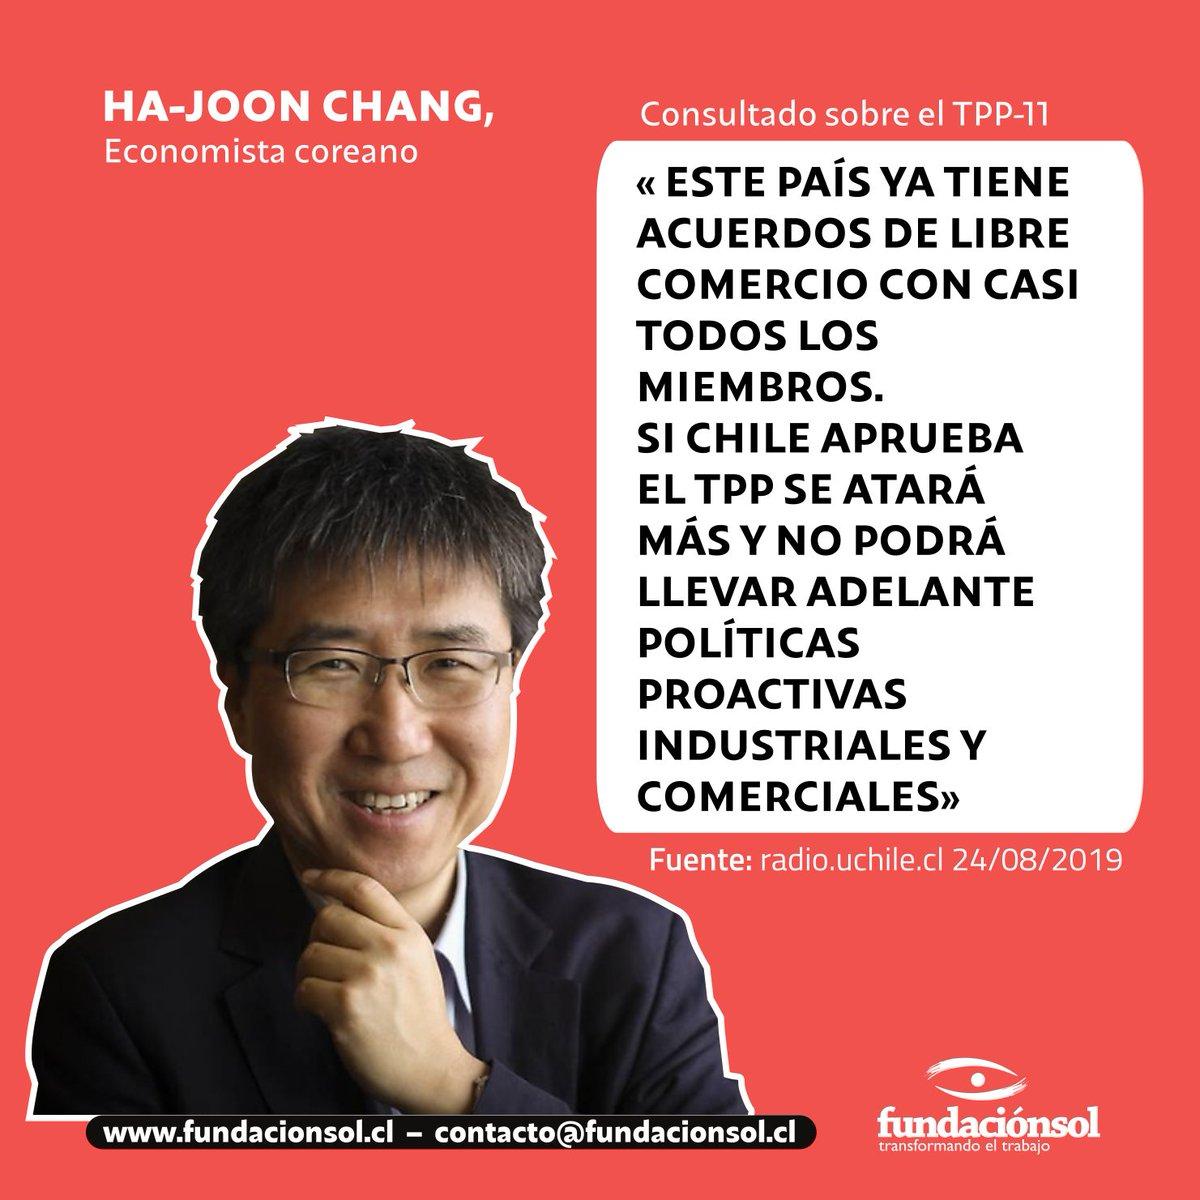 Fundación Sol On Twitter El Economista Ha Joon Chang Economía Para El 99 De La Población Advierte Sobre Las Consecuencias Del Tpp 11 En Cuanto A Limitar La Capacidad De Promover La Industria Y